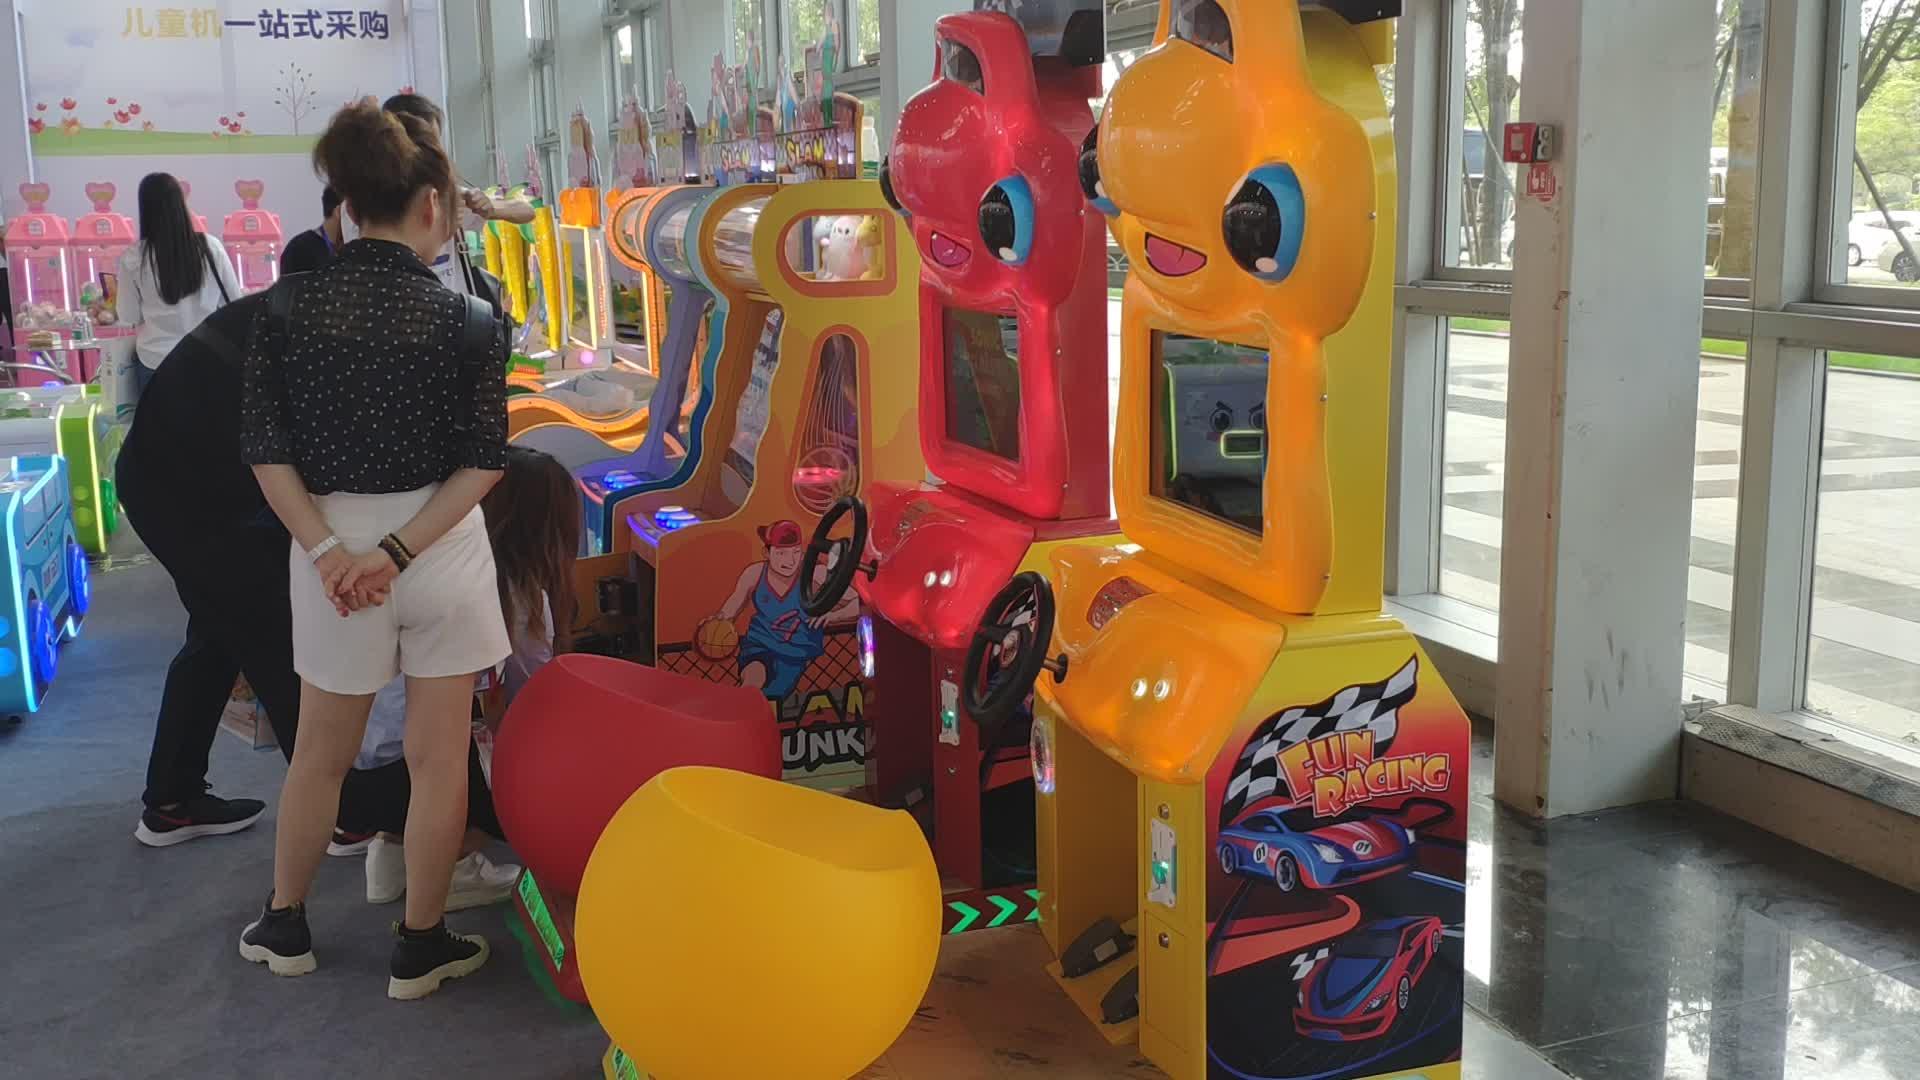 SUNLYN Çocuklar Jetonlu Araba Yarışı video Simülatörü sürüş Oyun Makinesi